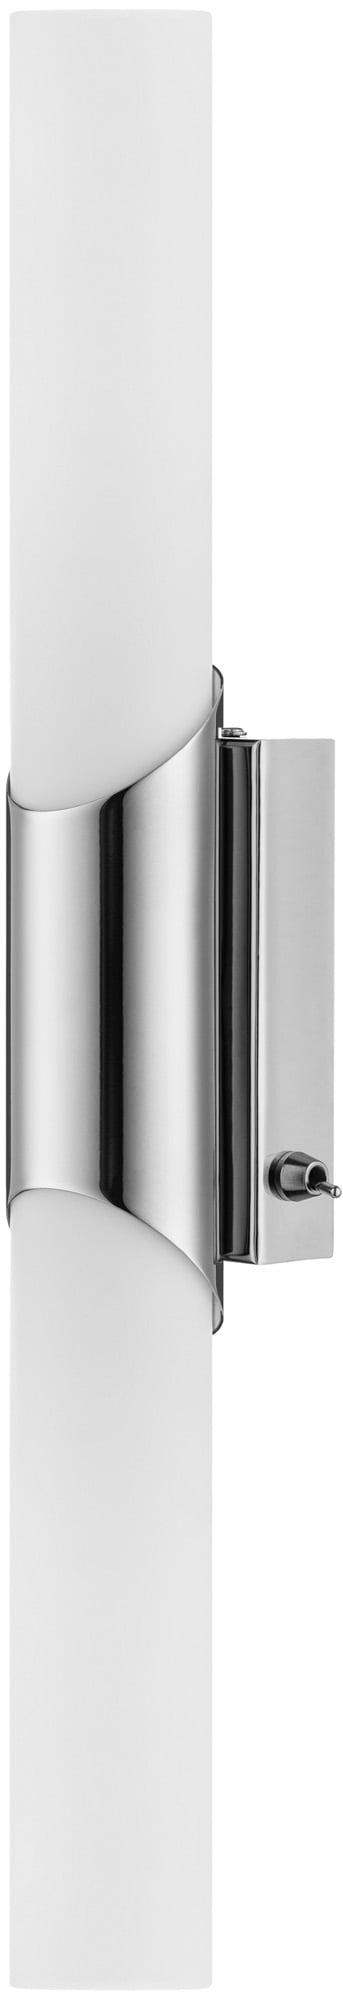 Podwójny Kinkiet Aquatic chrom/ biały 2xE14 40W